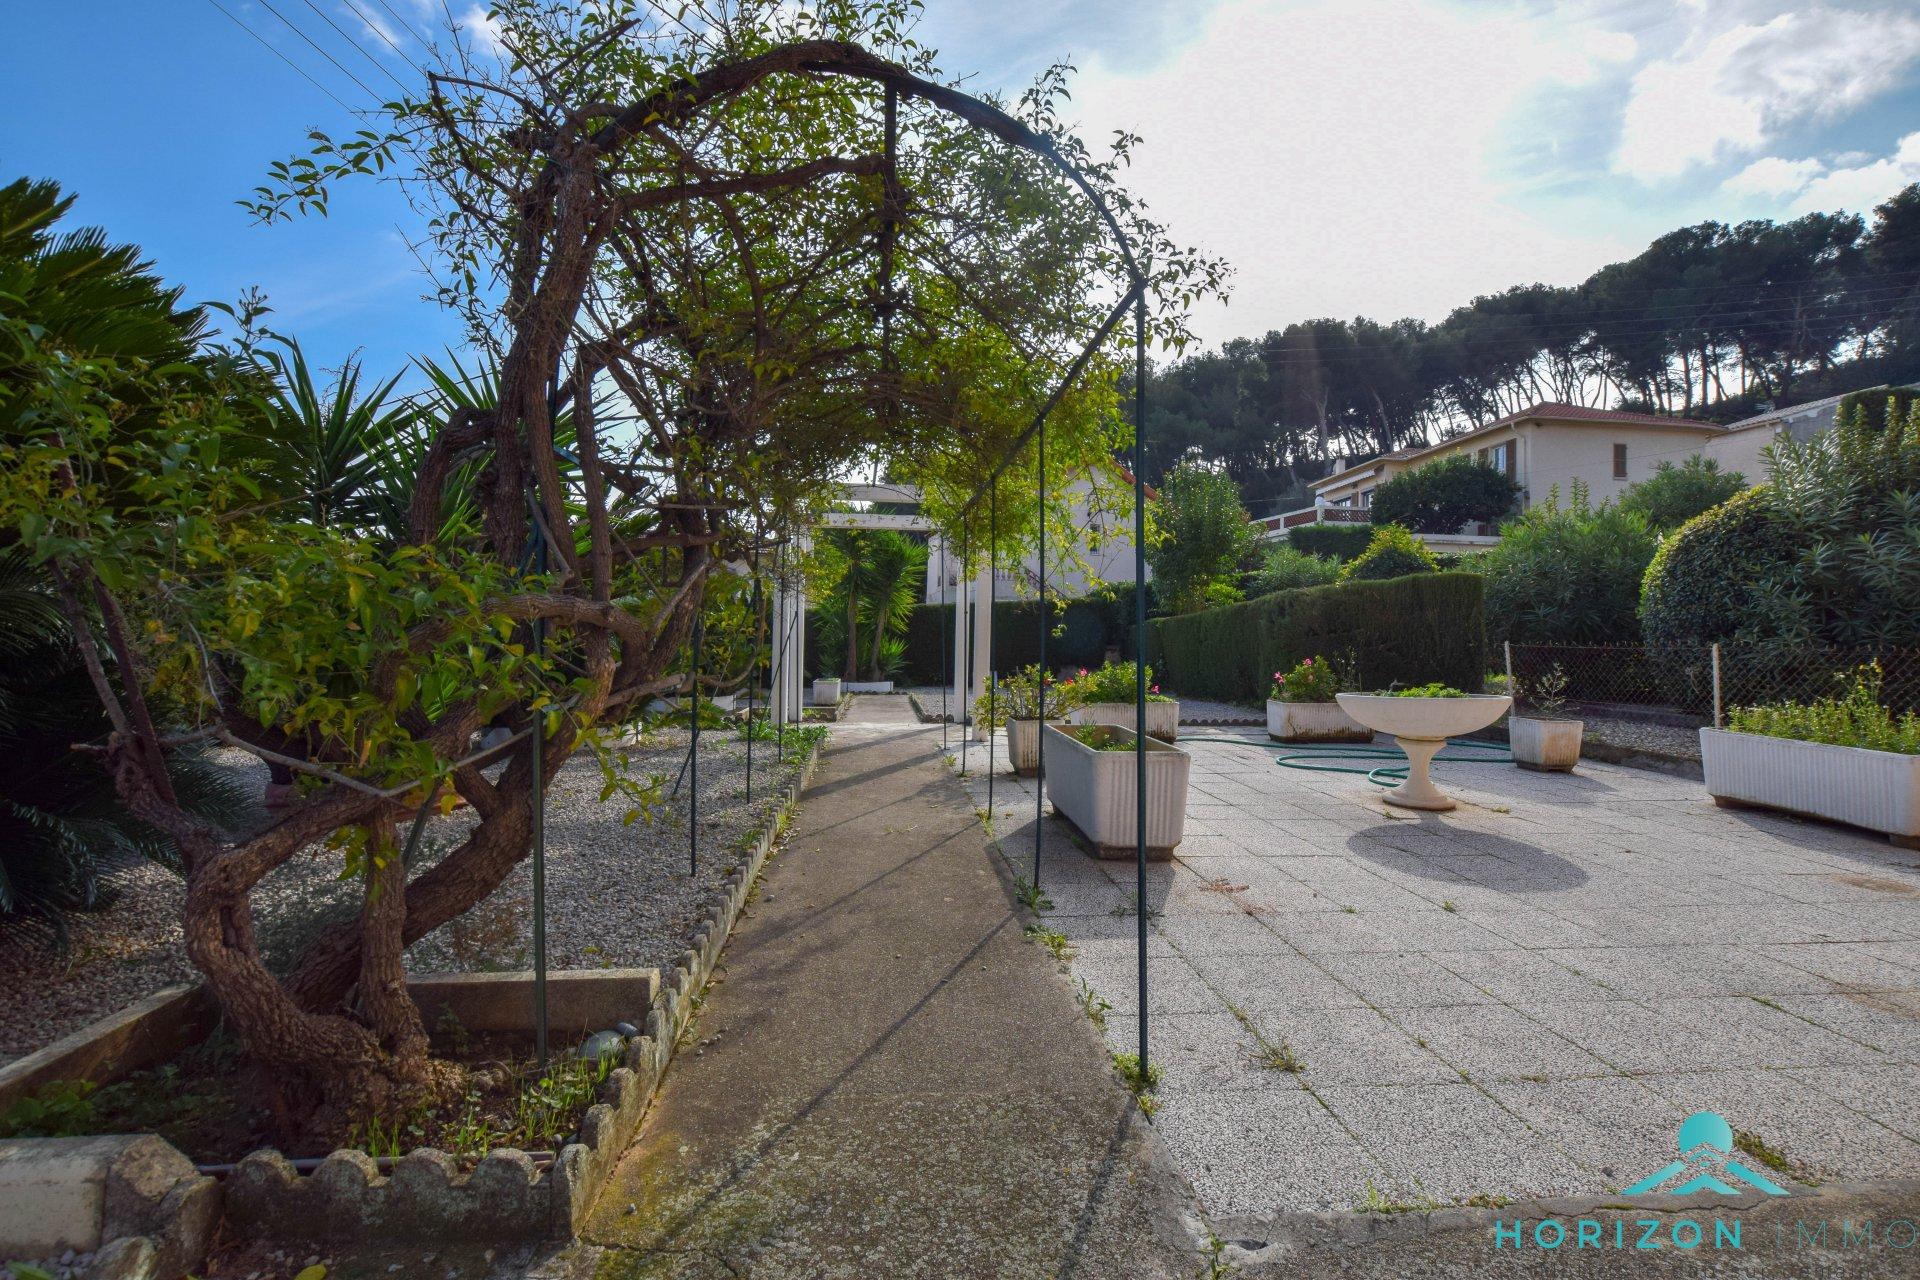 Rez-de-jardin 4 pièces – Saint-Laurent du var 2506126   Agence ...